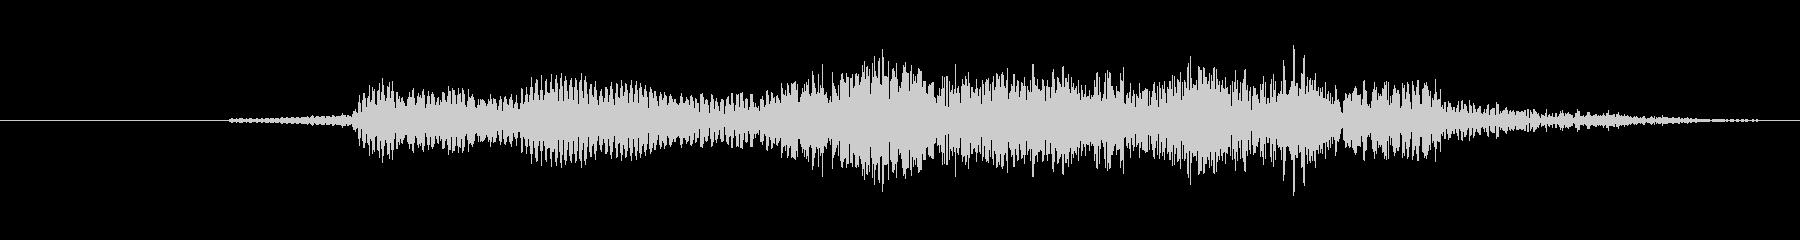 FI ロボット Voice Zer...の未再生の波形